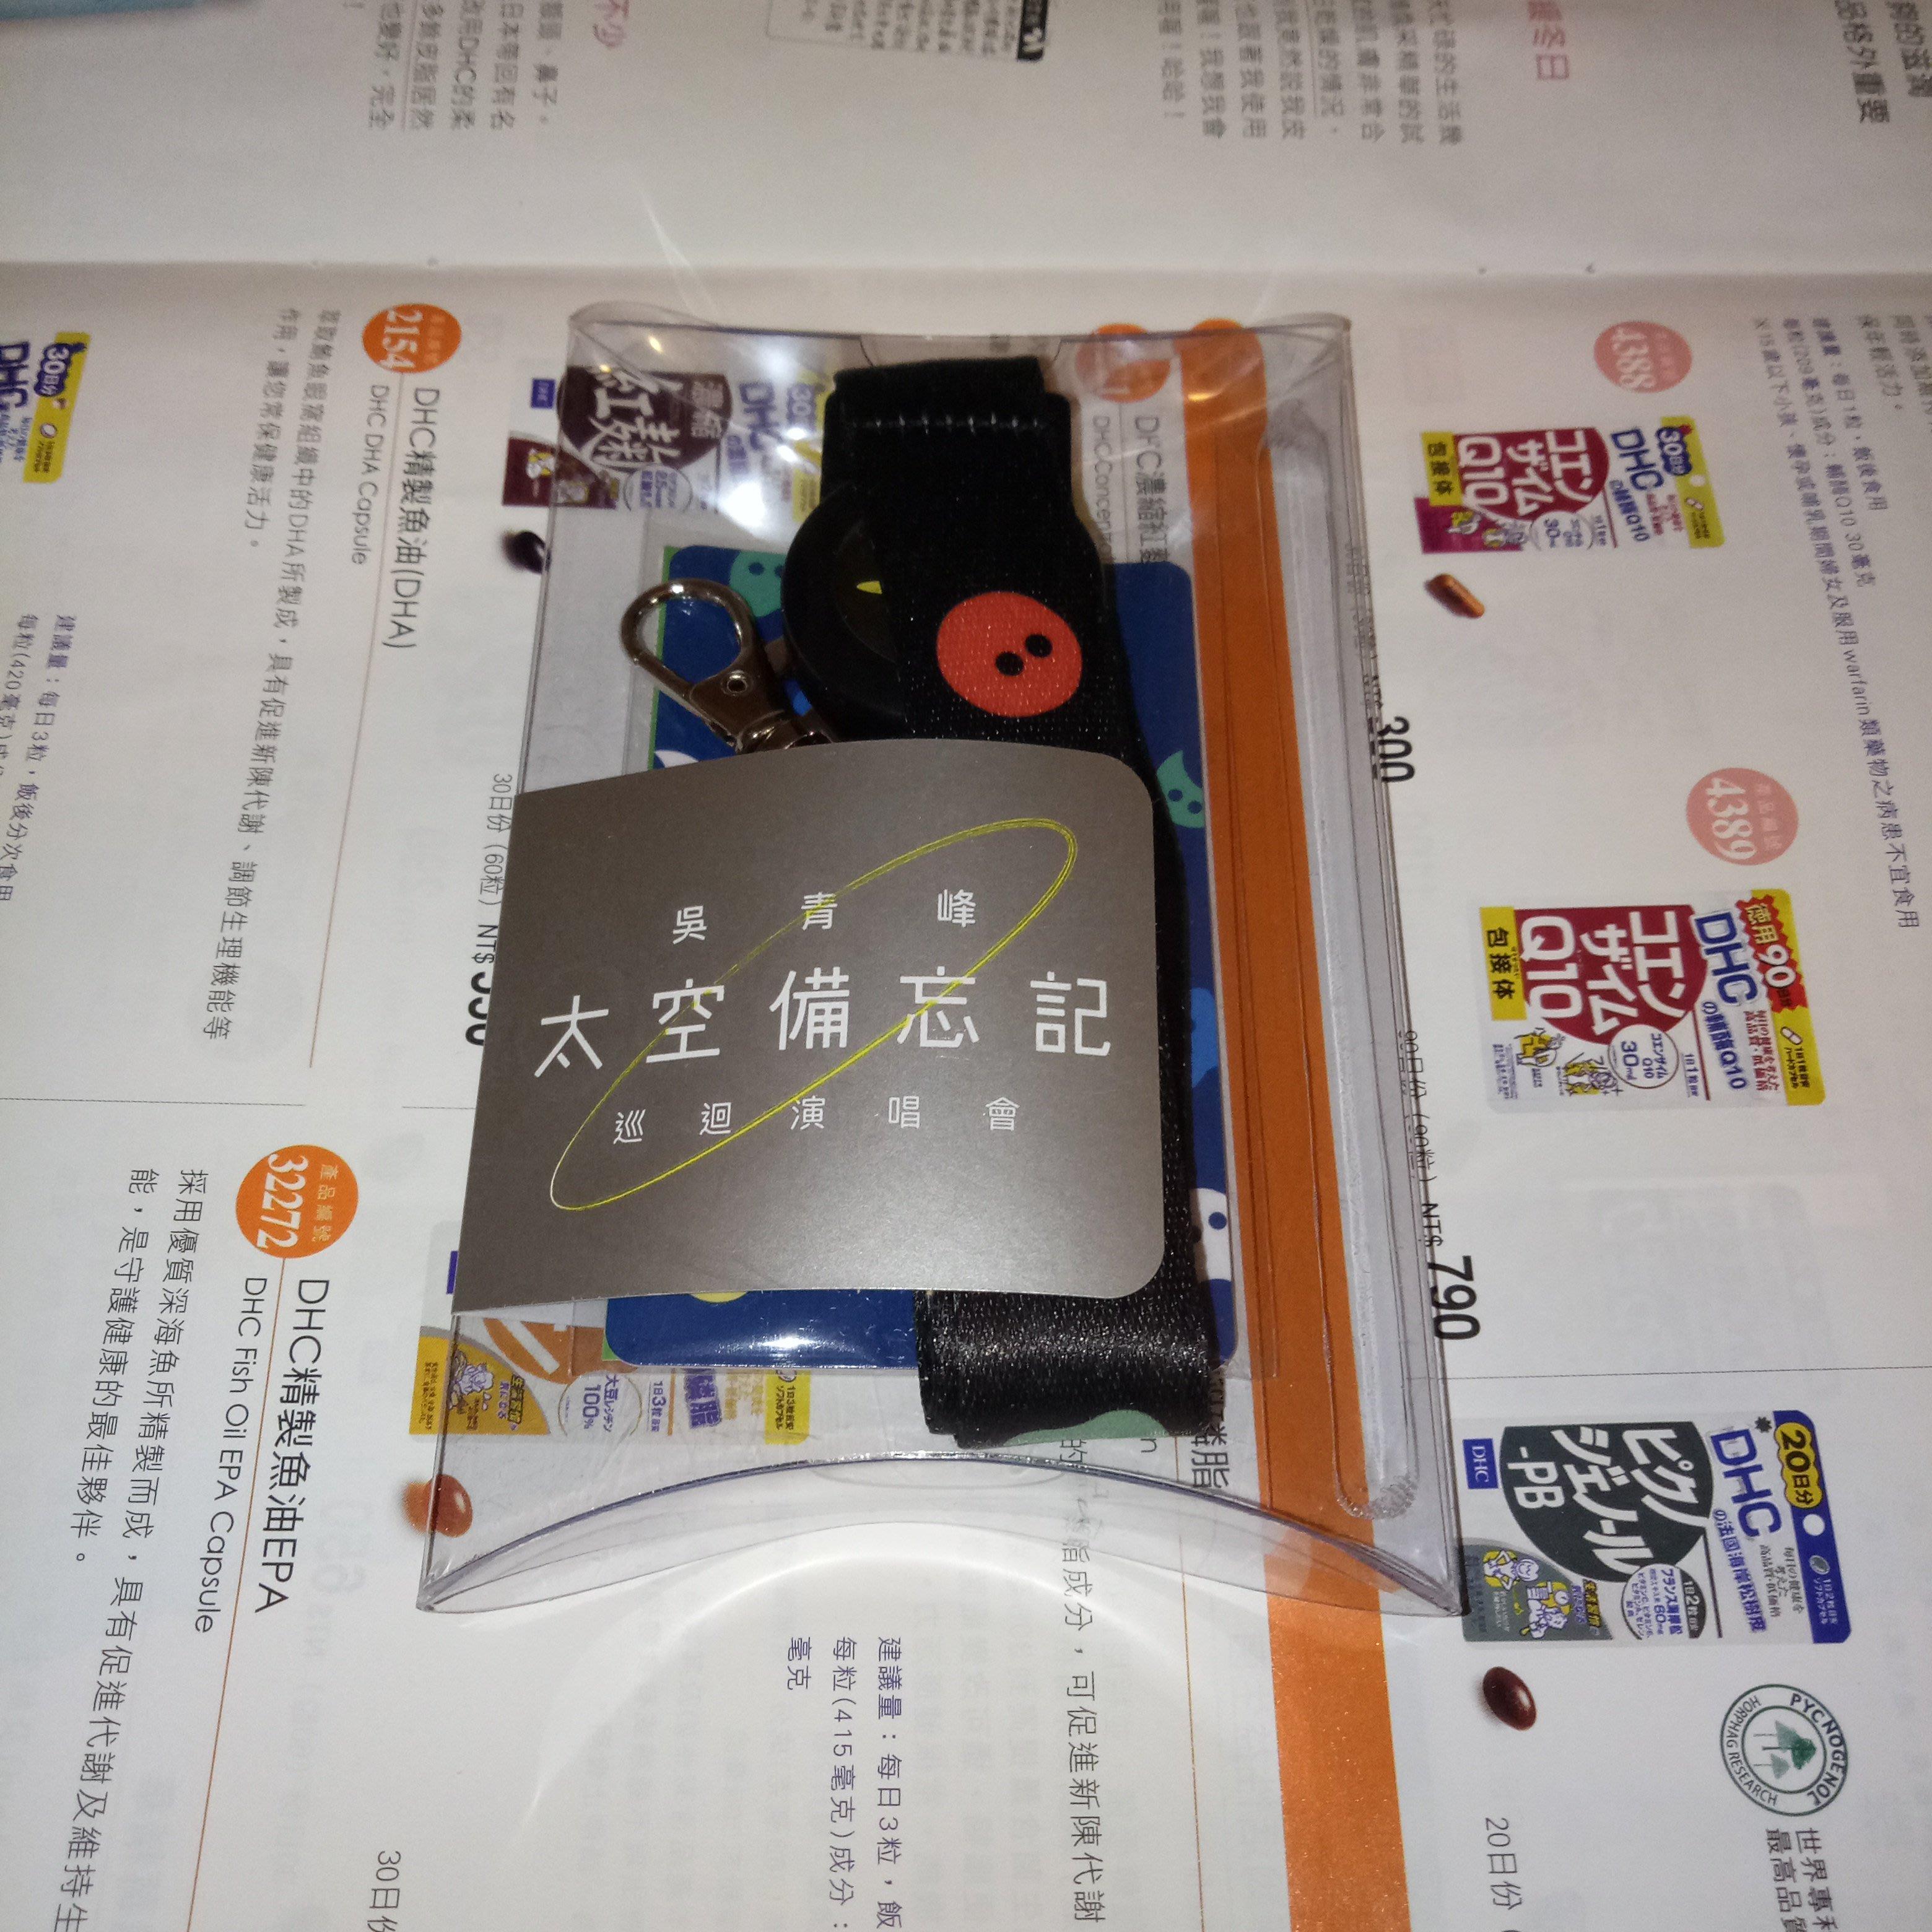 吳青峰(蘇打綠)|悠遊卡+證件帶|全新未拆封